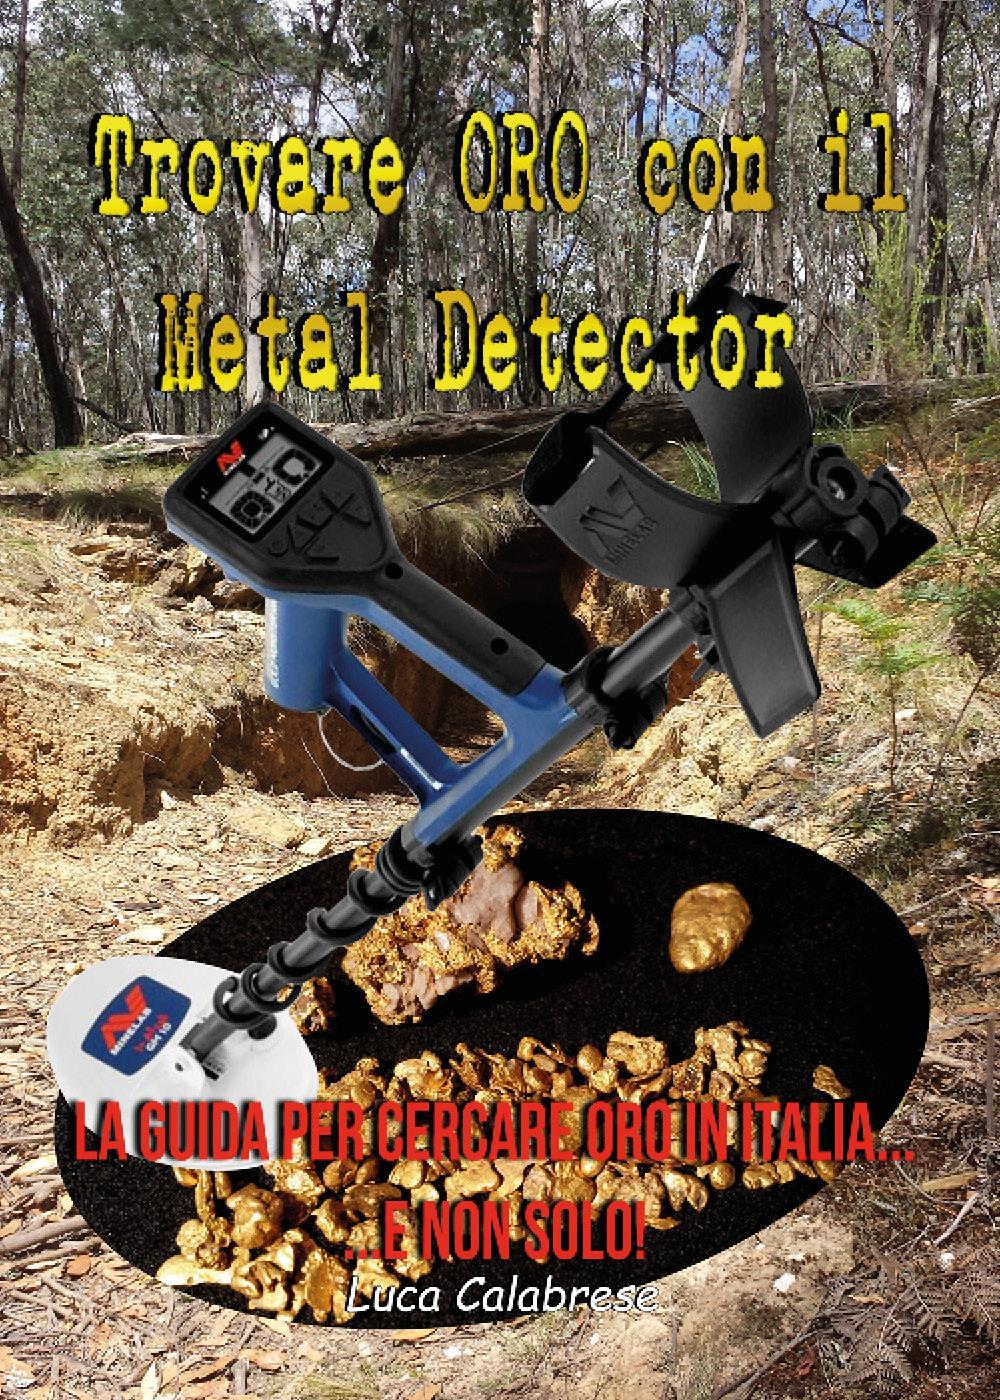 Trovare ORO con il Metal Detector